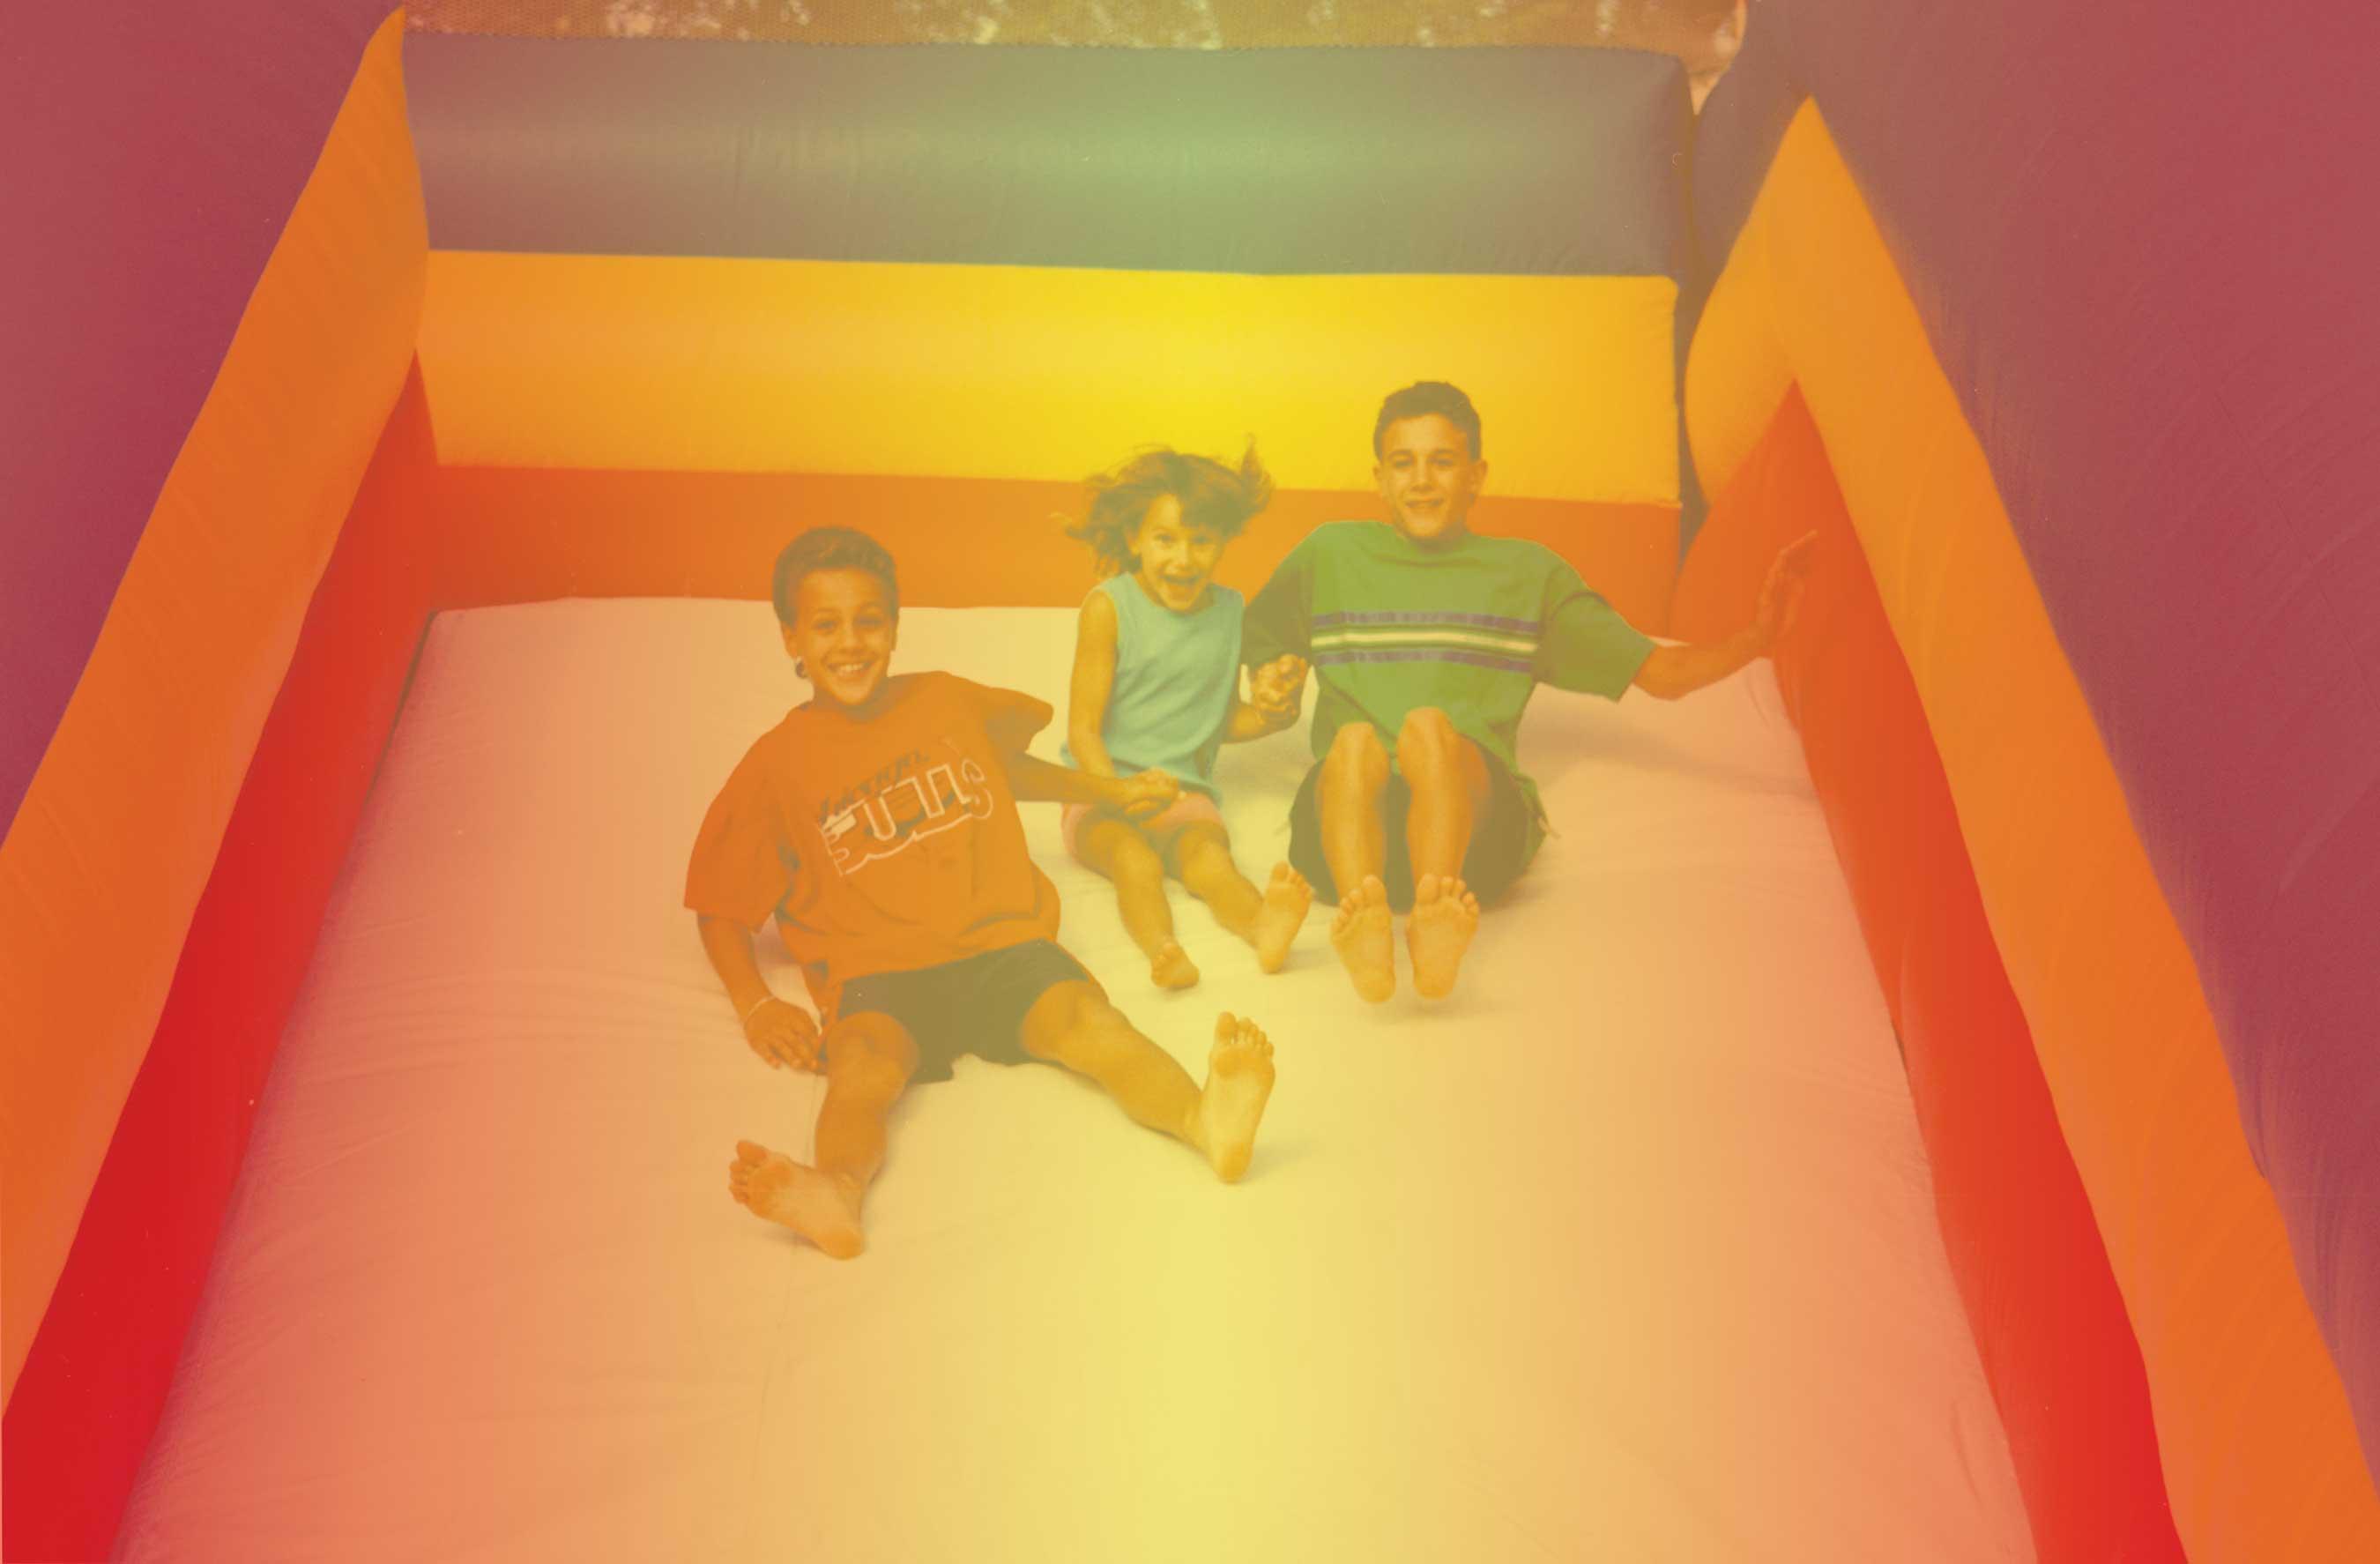 3 kids holding hands inflatable slide